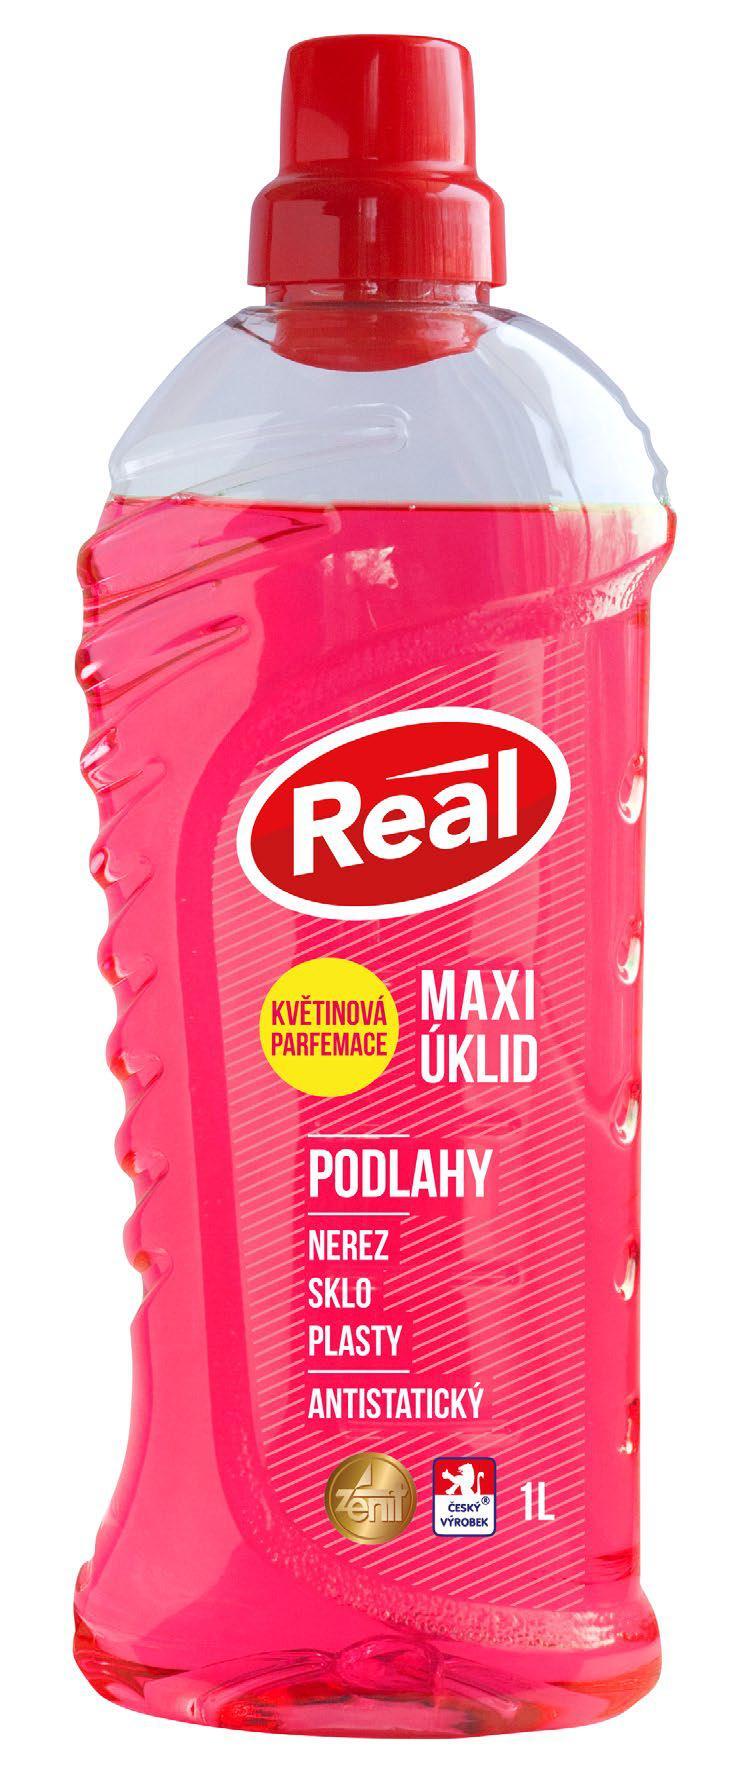 Real Antistatic Maxi univerzální čistič 1000 ml